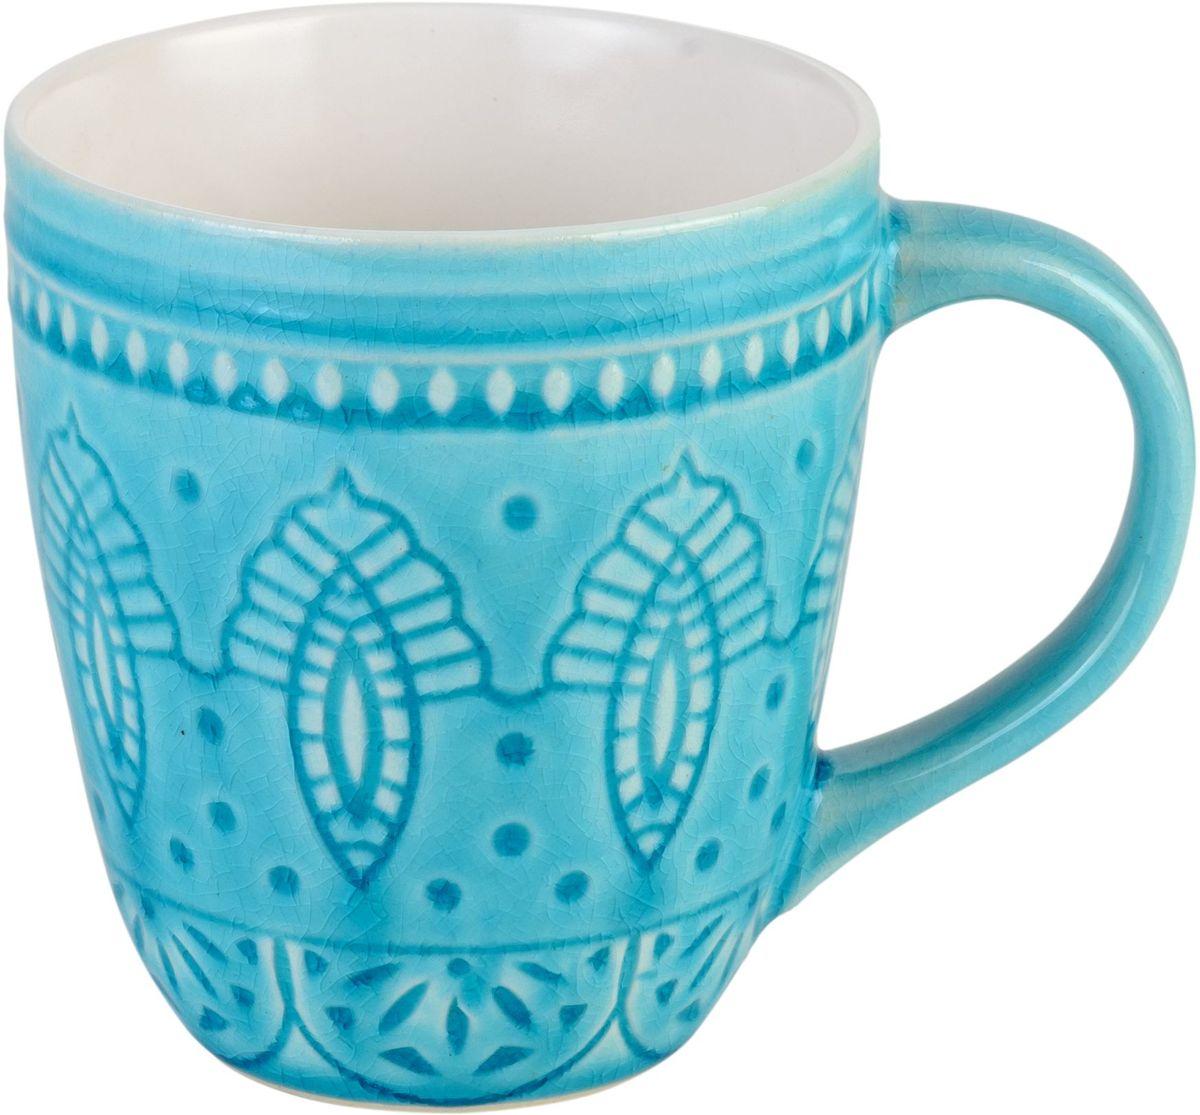 Набор кружек Tongo, цвет: голубая бирюза, 350 мл, 6 штM-350b Tongo Набор кружекНабор Tongo состоит из 6 кружек, выполненных из керамики сглазурованным покрытием. Такой набор станет изысканным украшением стола кчаепитию и порадует вас и ваших гостей оригинальным дизайном и качествомисполнения. Онпрекрасно подойдет в качестве подарка к любому случаю.Диаметр кружки (по верхнему краю): 9 см.Высота кружки: 10 см.